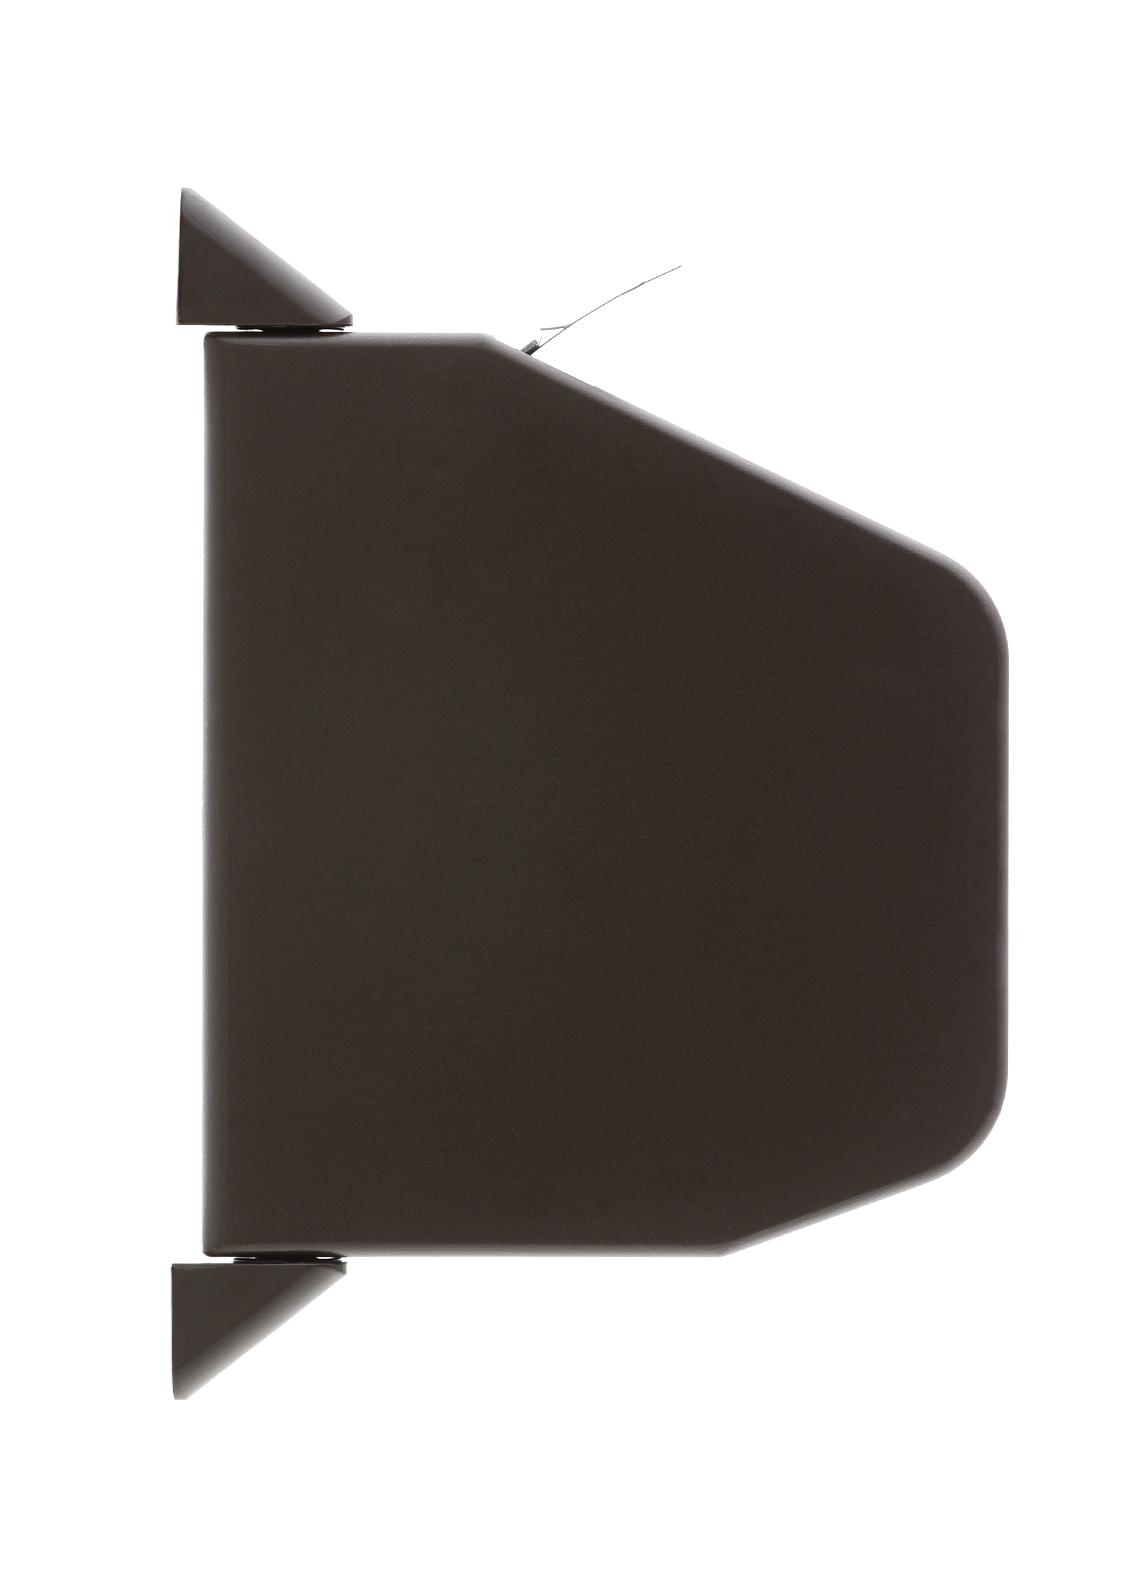 Új-klasszikus típusú, barna színű redőnyautomata